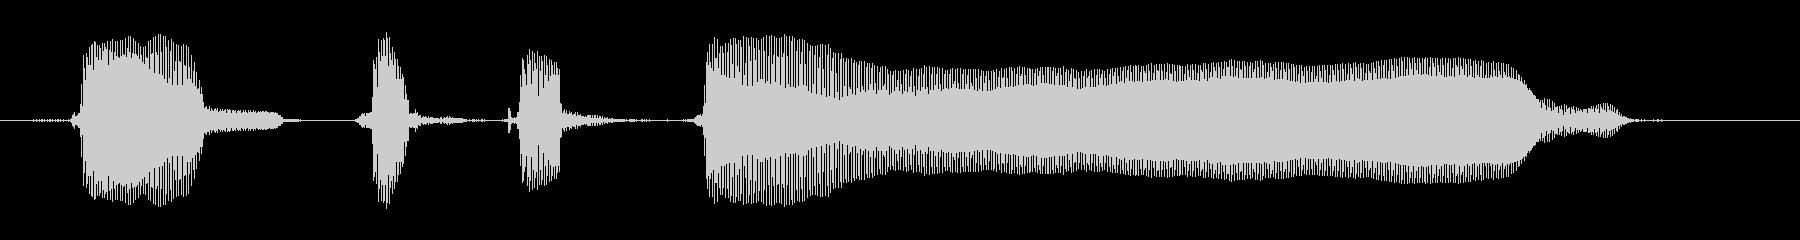 【ボイスSE】パンパカパーン!の未再生の波形